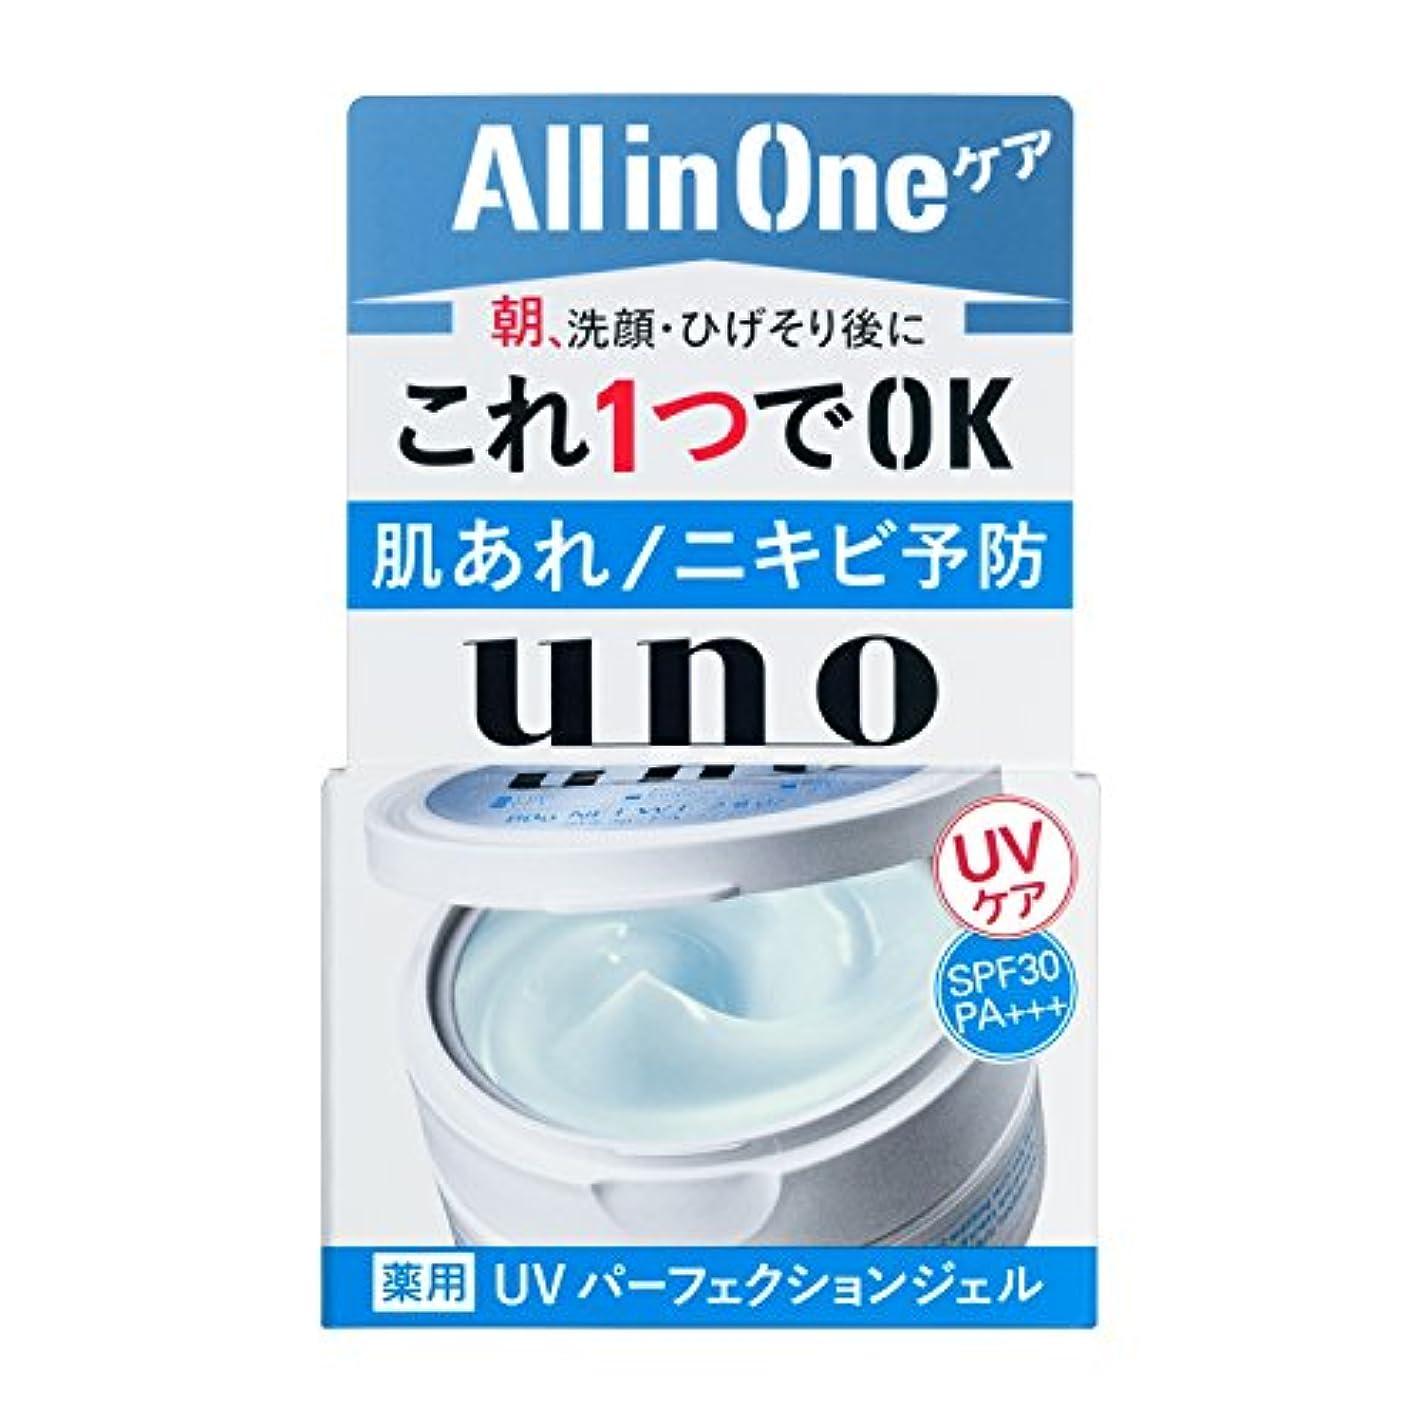 定刻ダイエットペットウーノ UVパーフェクションジェル 80g (医薬部外品)